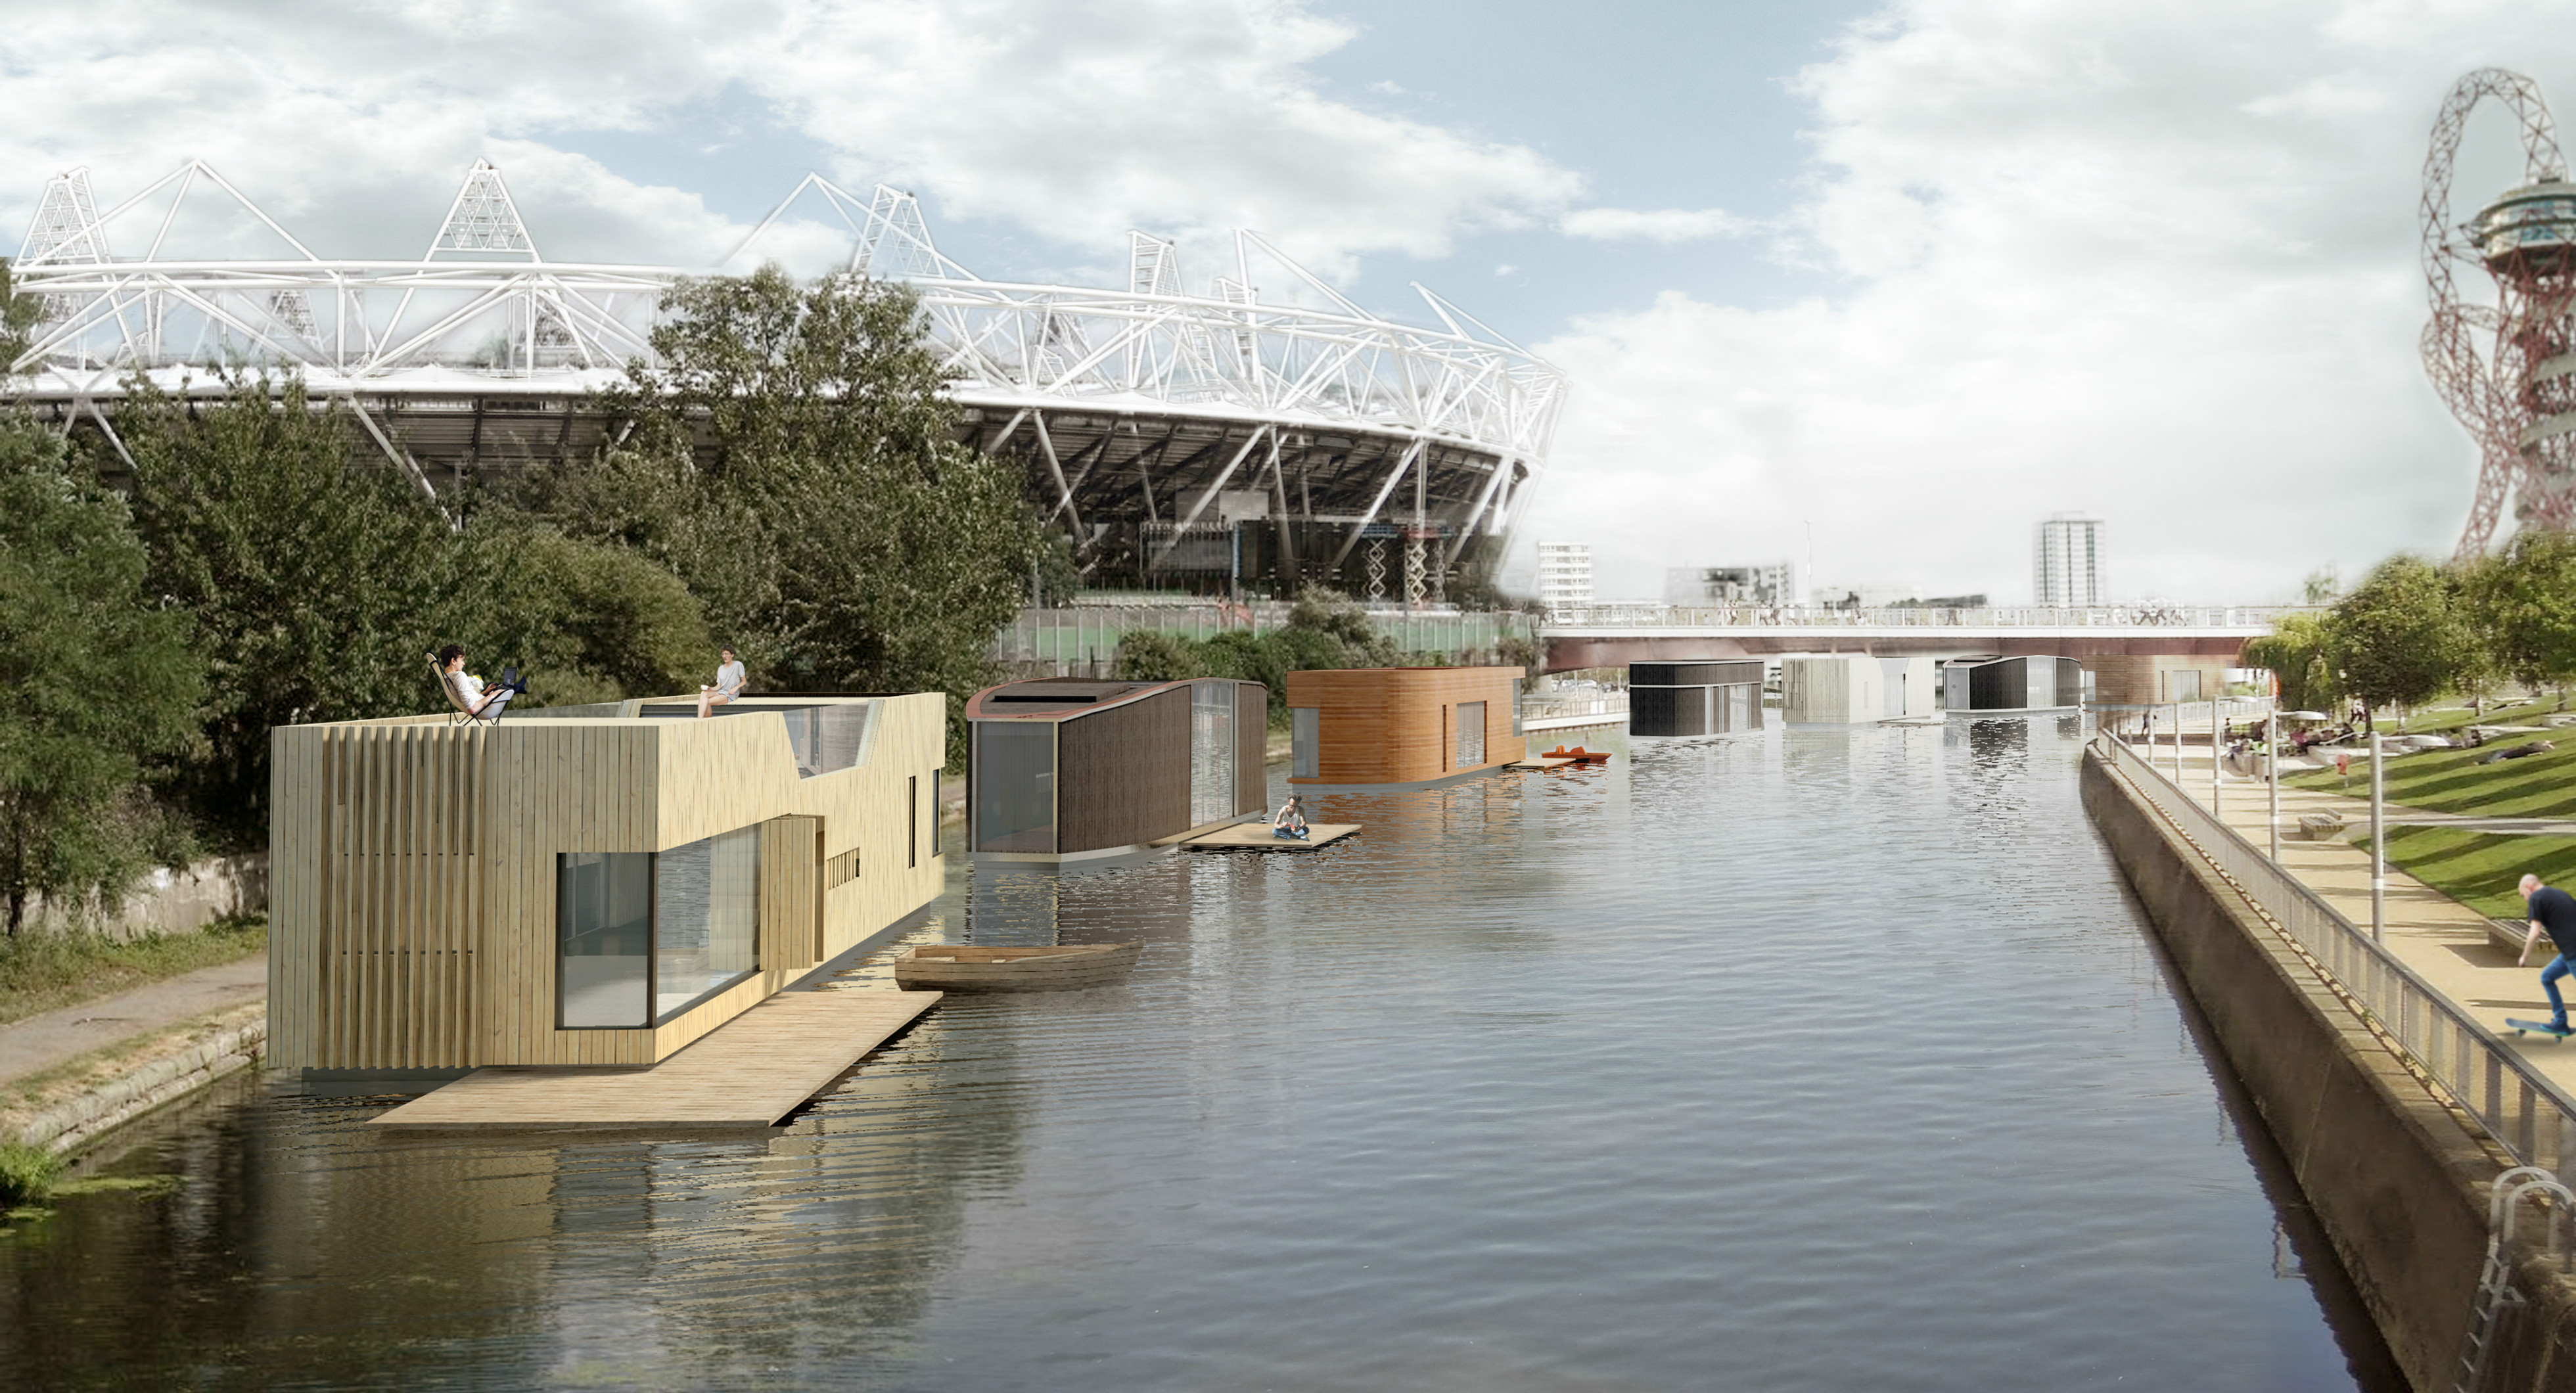 Las 'maravillas' de la arquitectura flotante